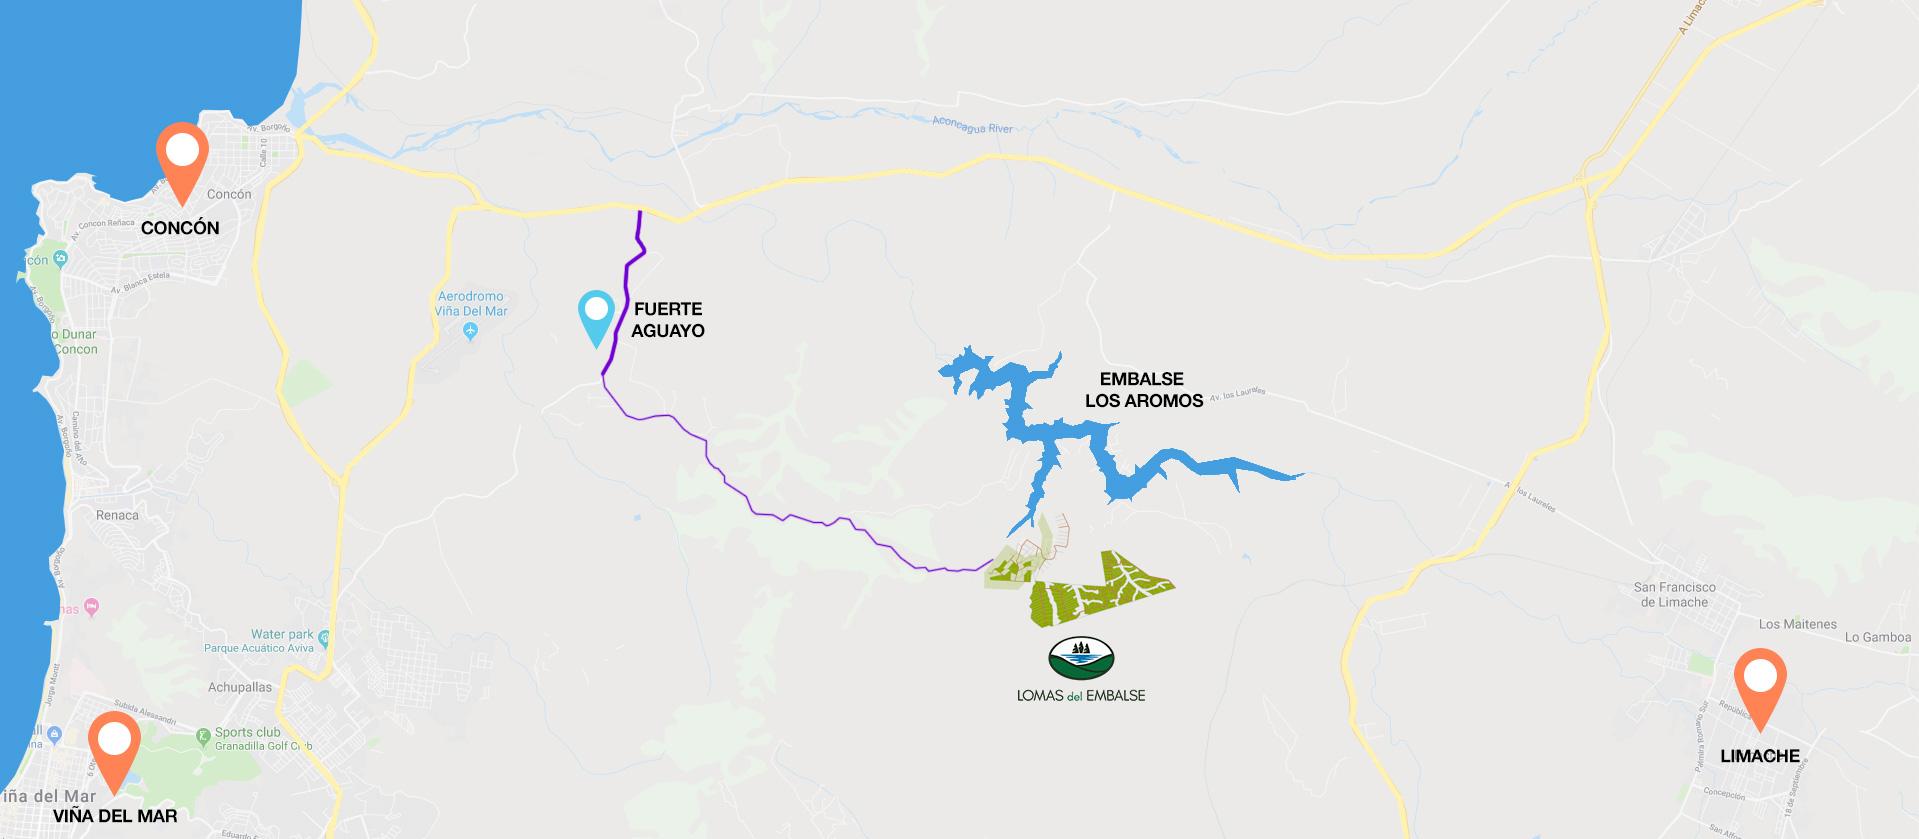 mapa_general_ubicación_02